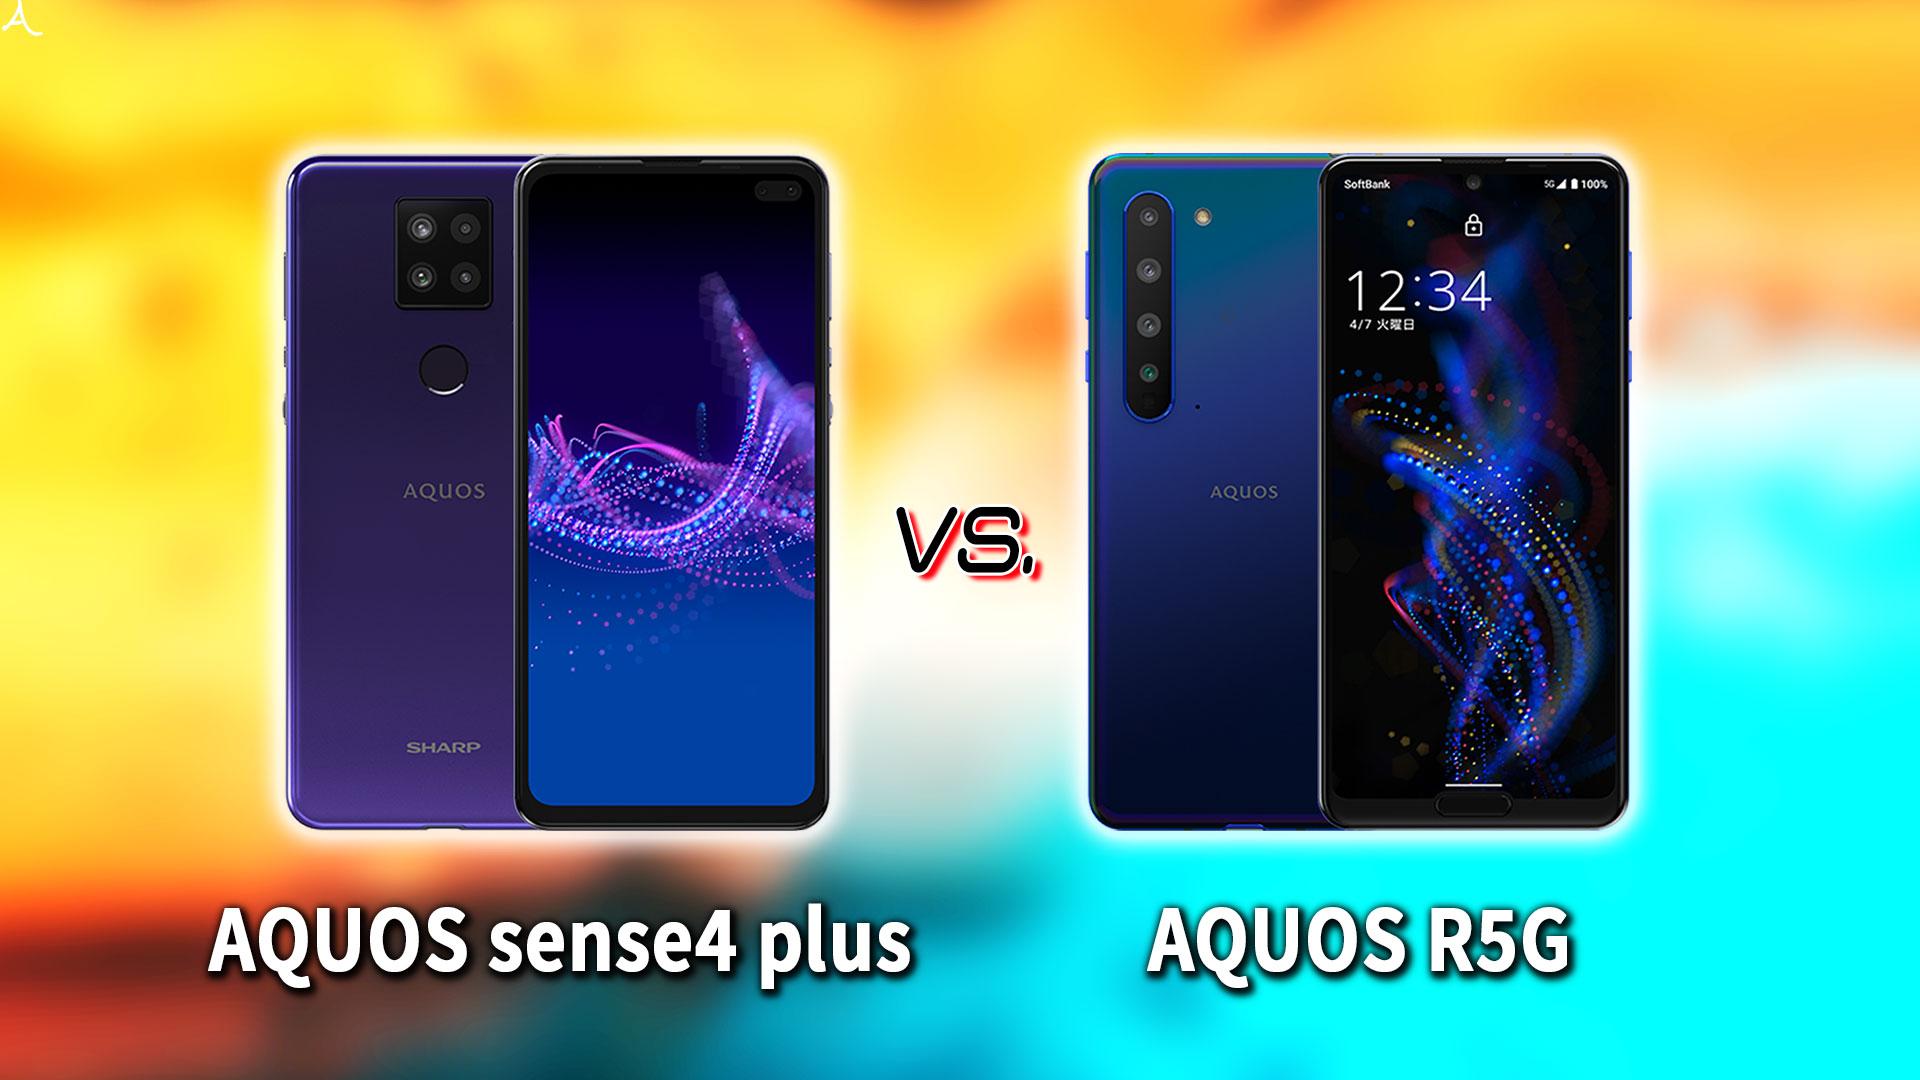 「AQUOS sense4 plus」と「AQUOS R5G」の違いを比較:どっちを買う?